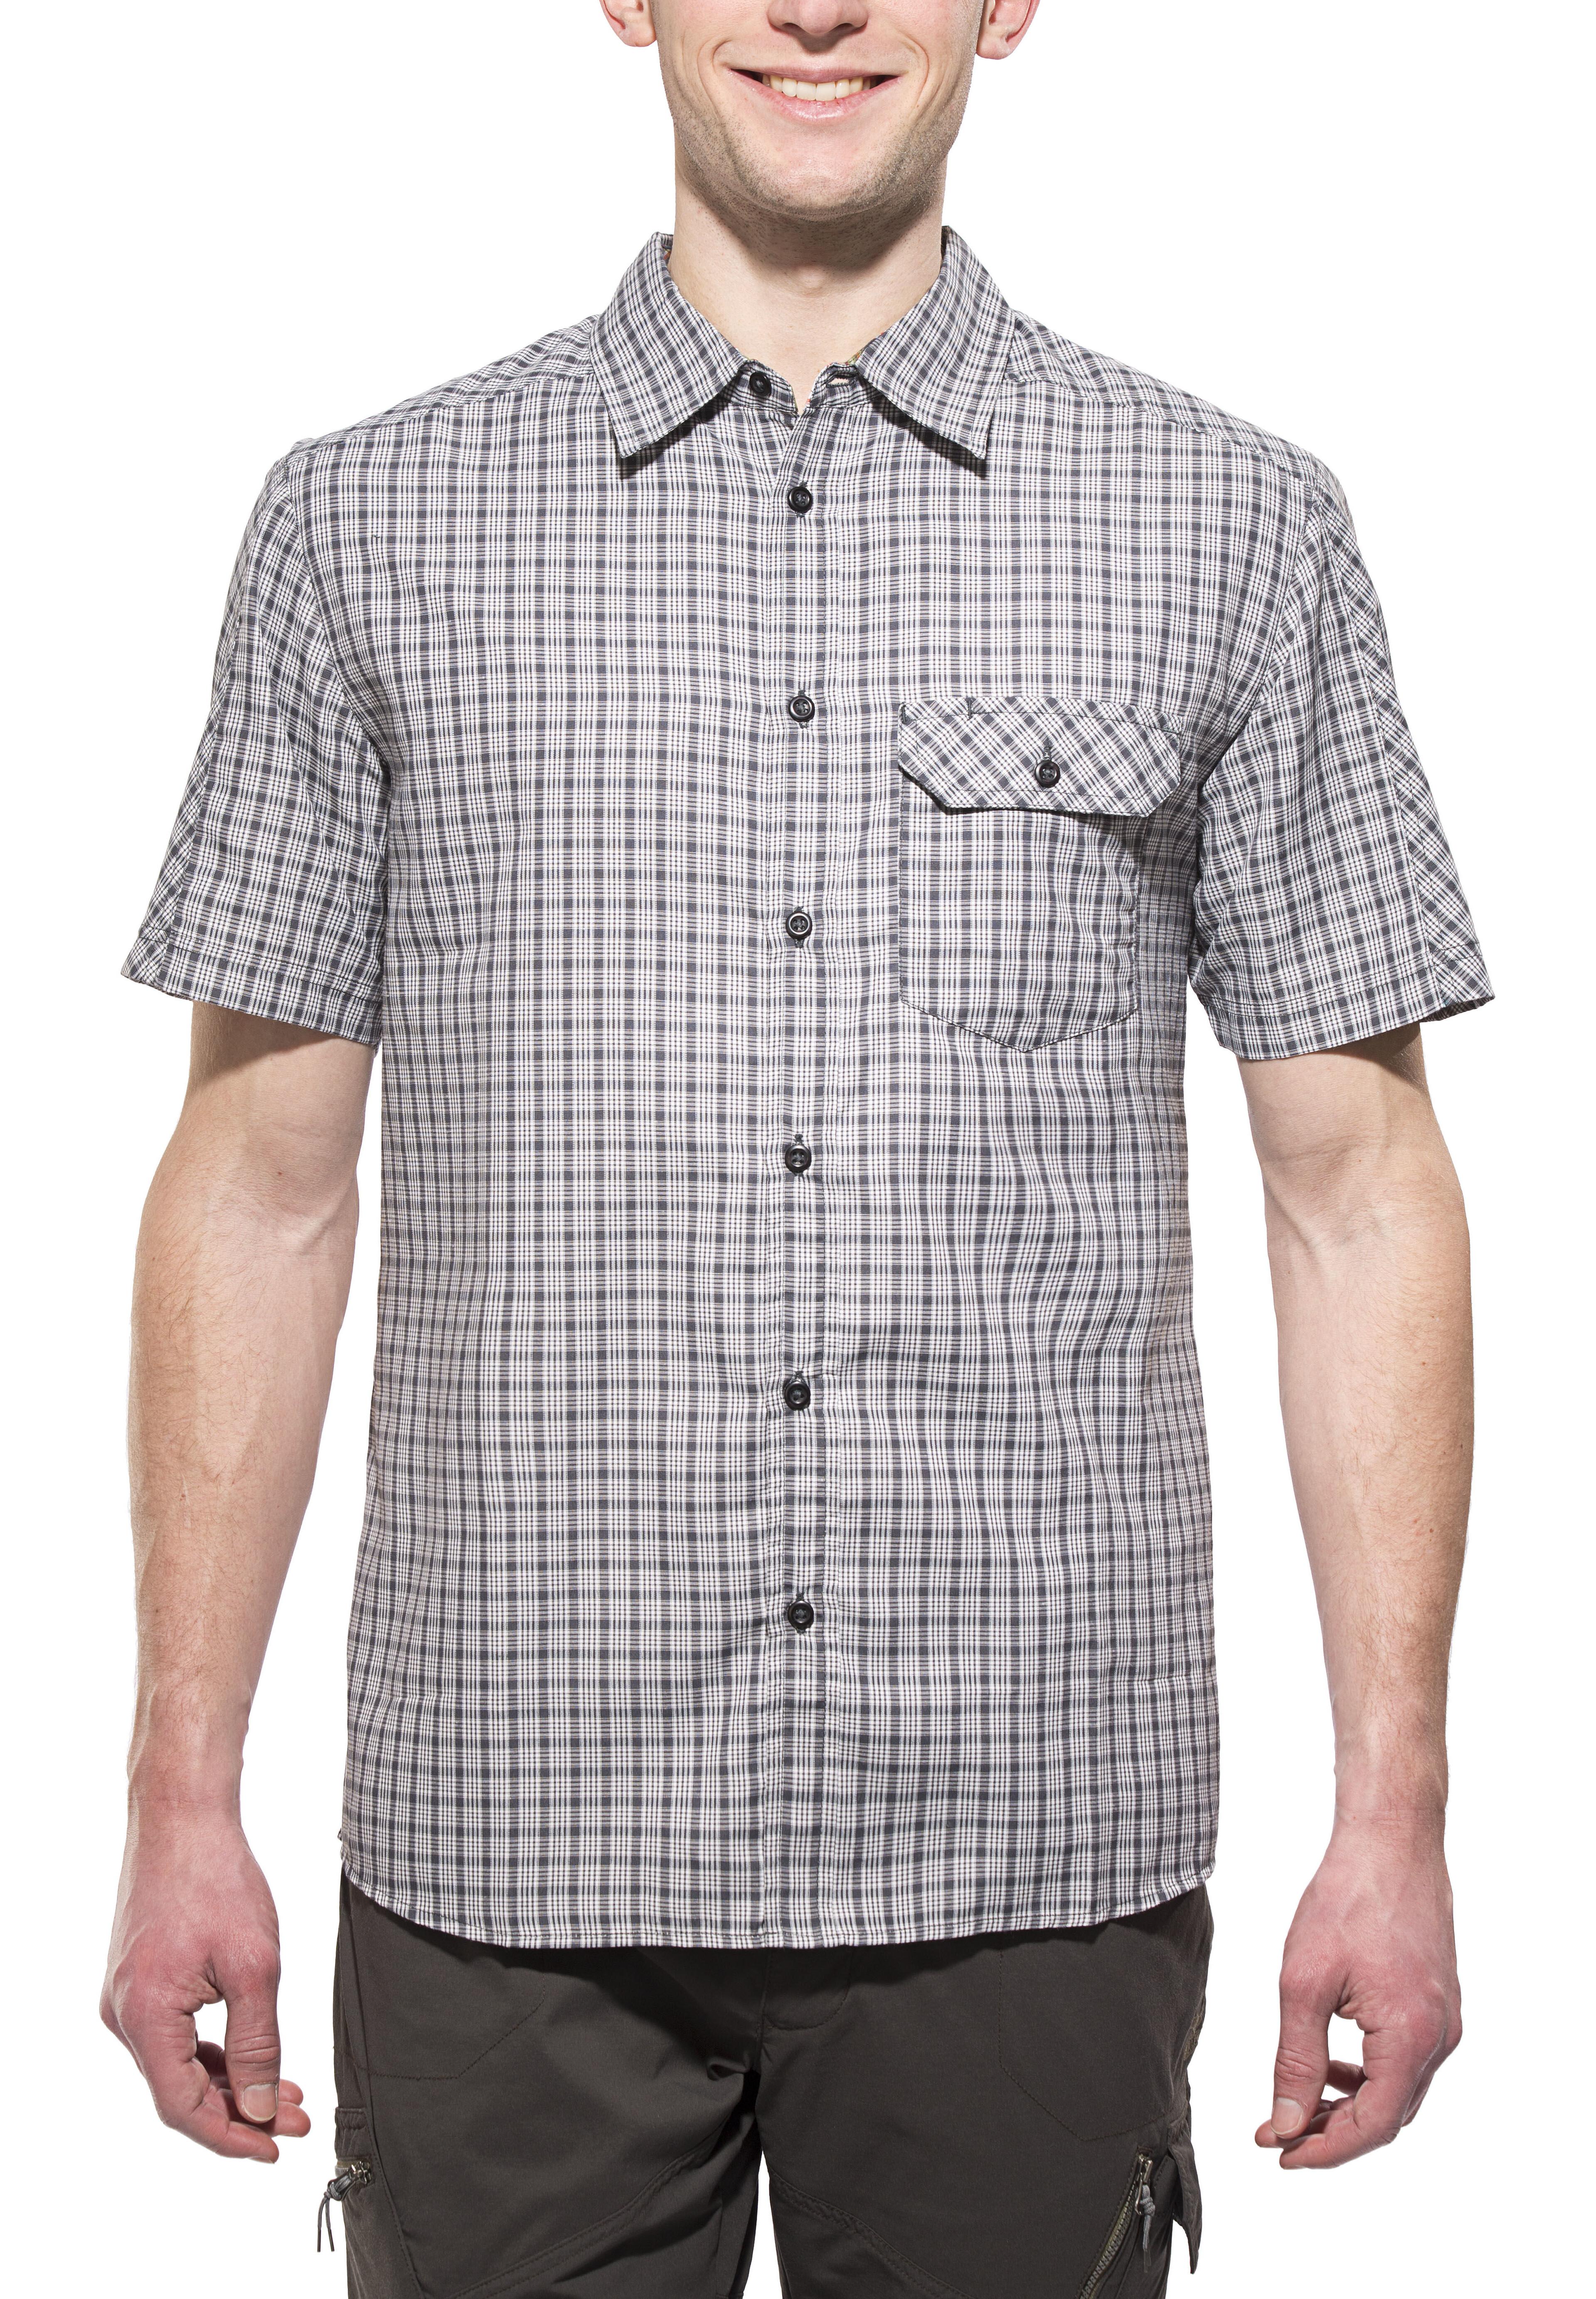 Korte Mouw Overhemd Mannen.Axant Alps Overhemd Korte Mouw Heren Grijs L Online Outdoor Shop